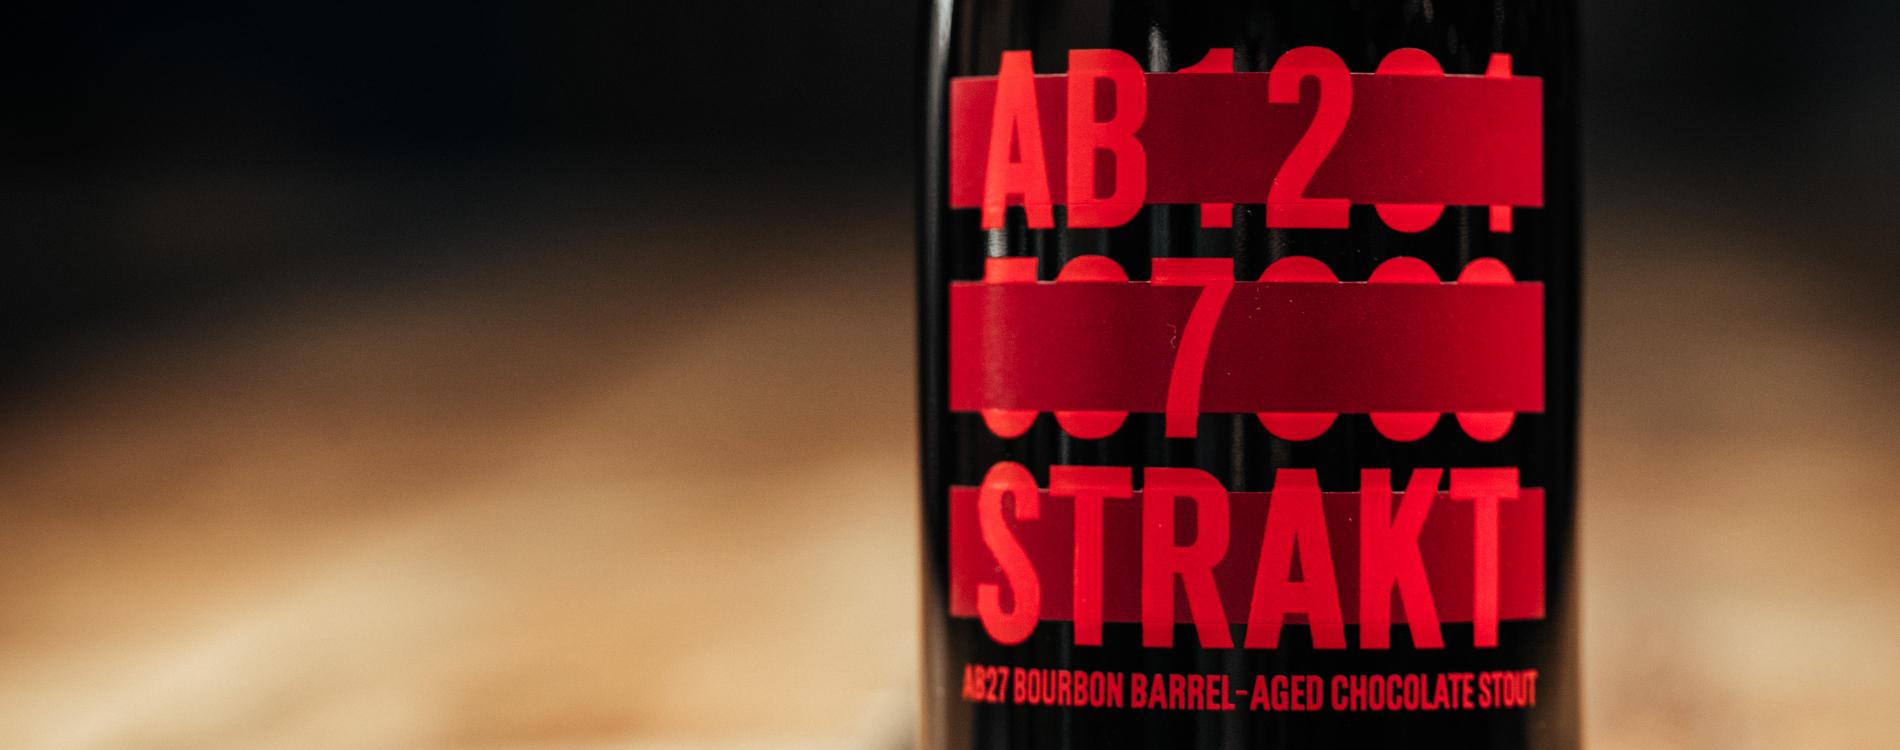 ABSTRAKT AB:27